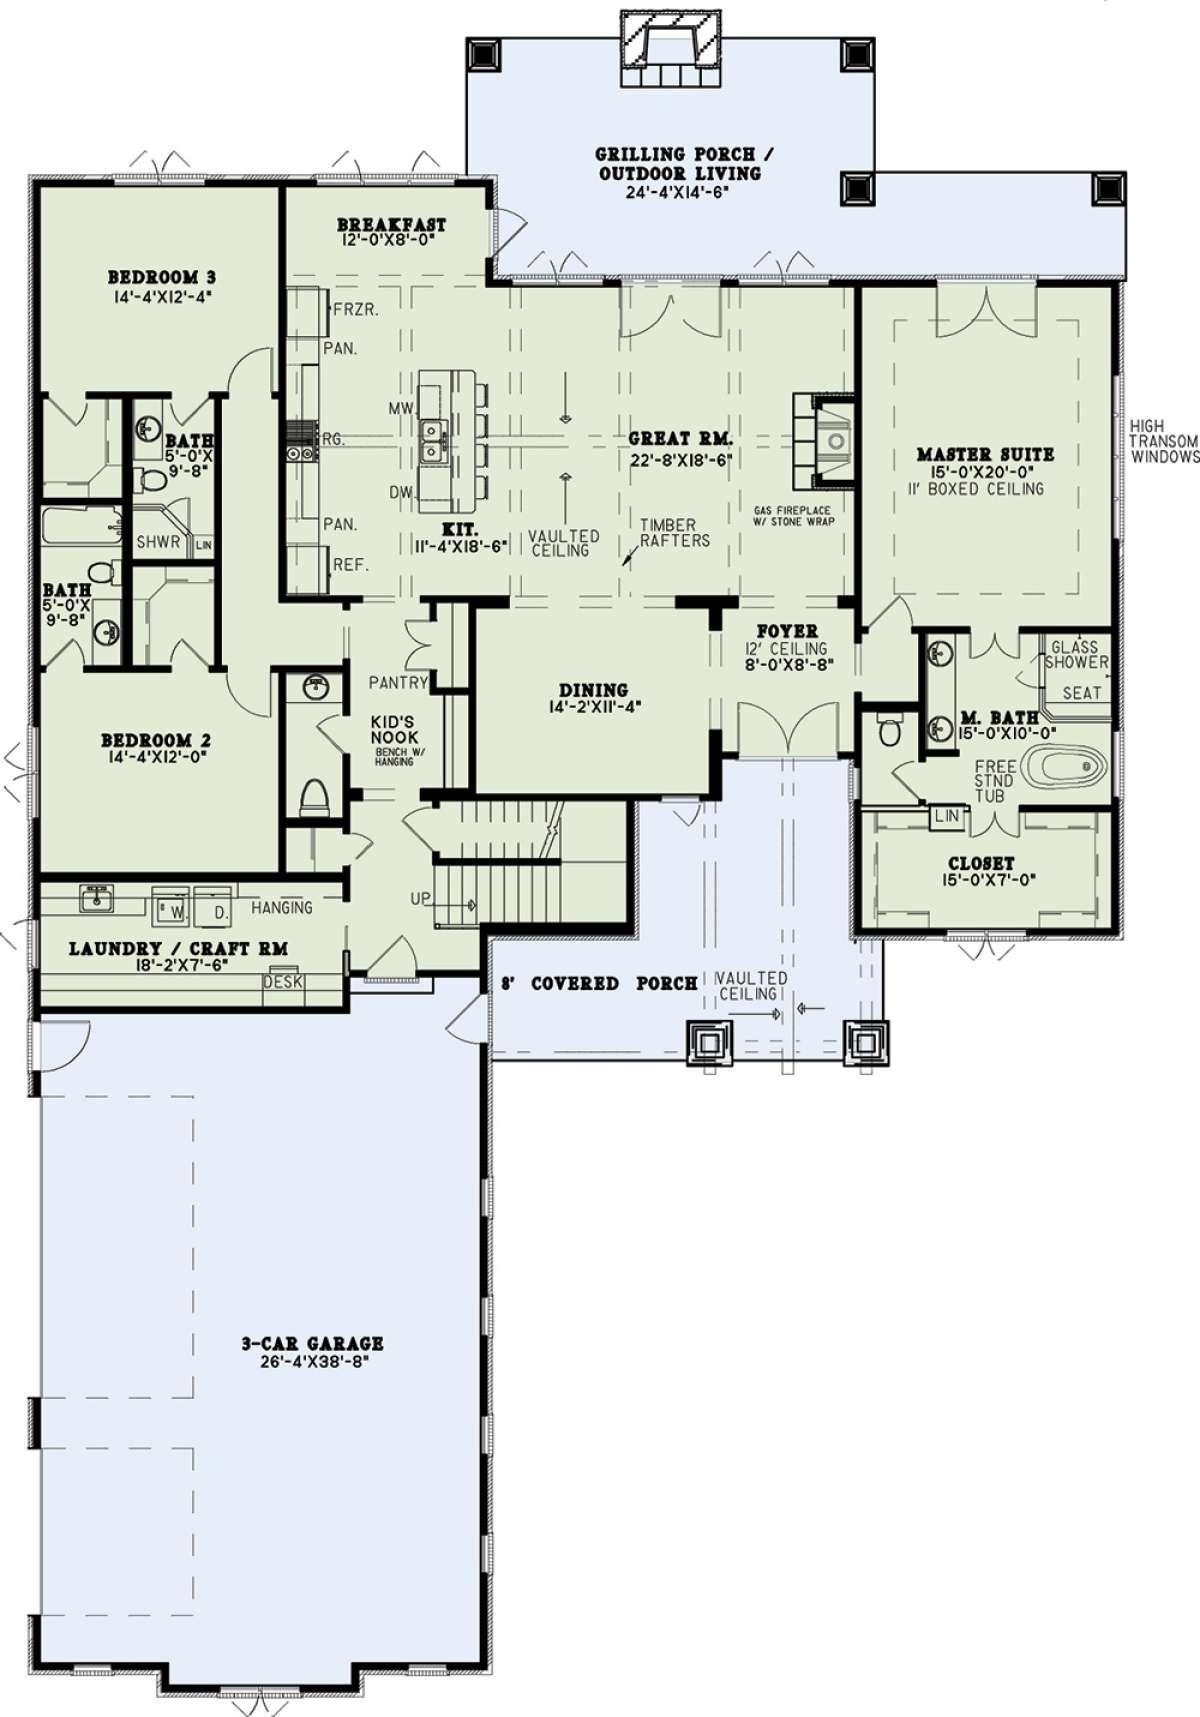 Craftsman Plan: 3,251 Square Feet, 4 Bedrooms, 4.5 ...